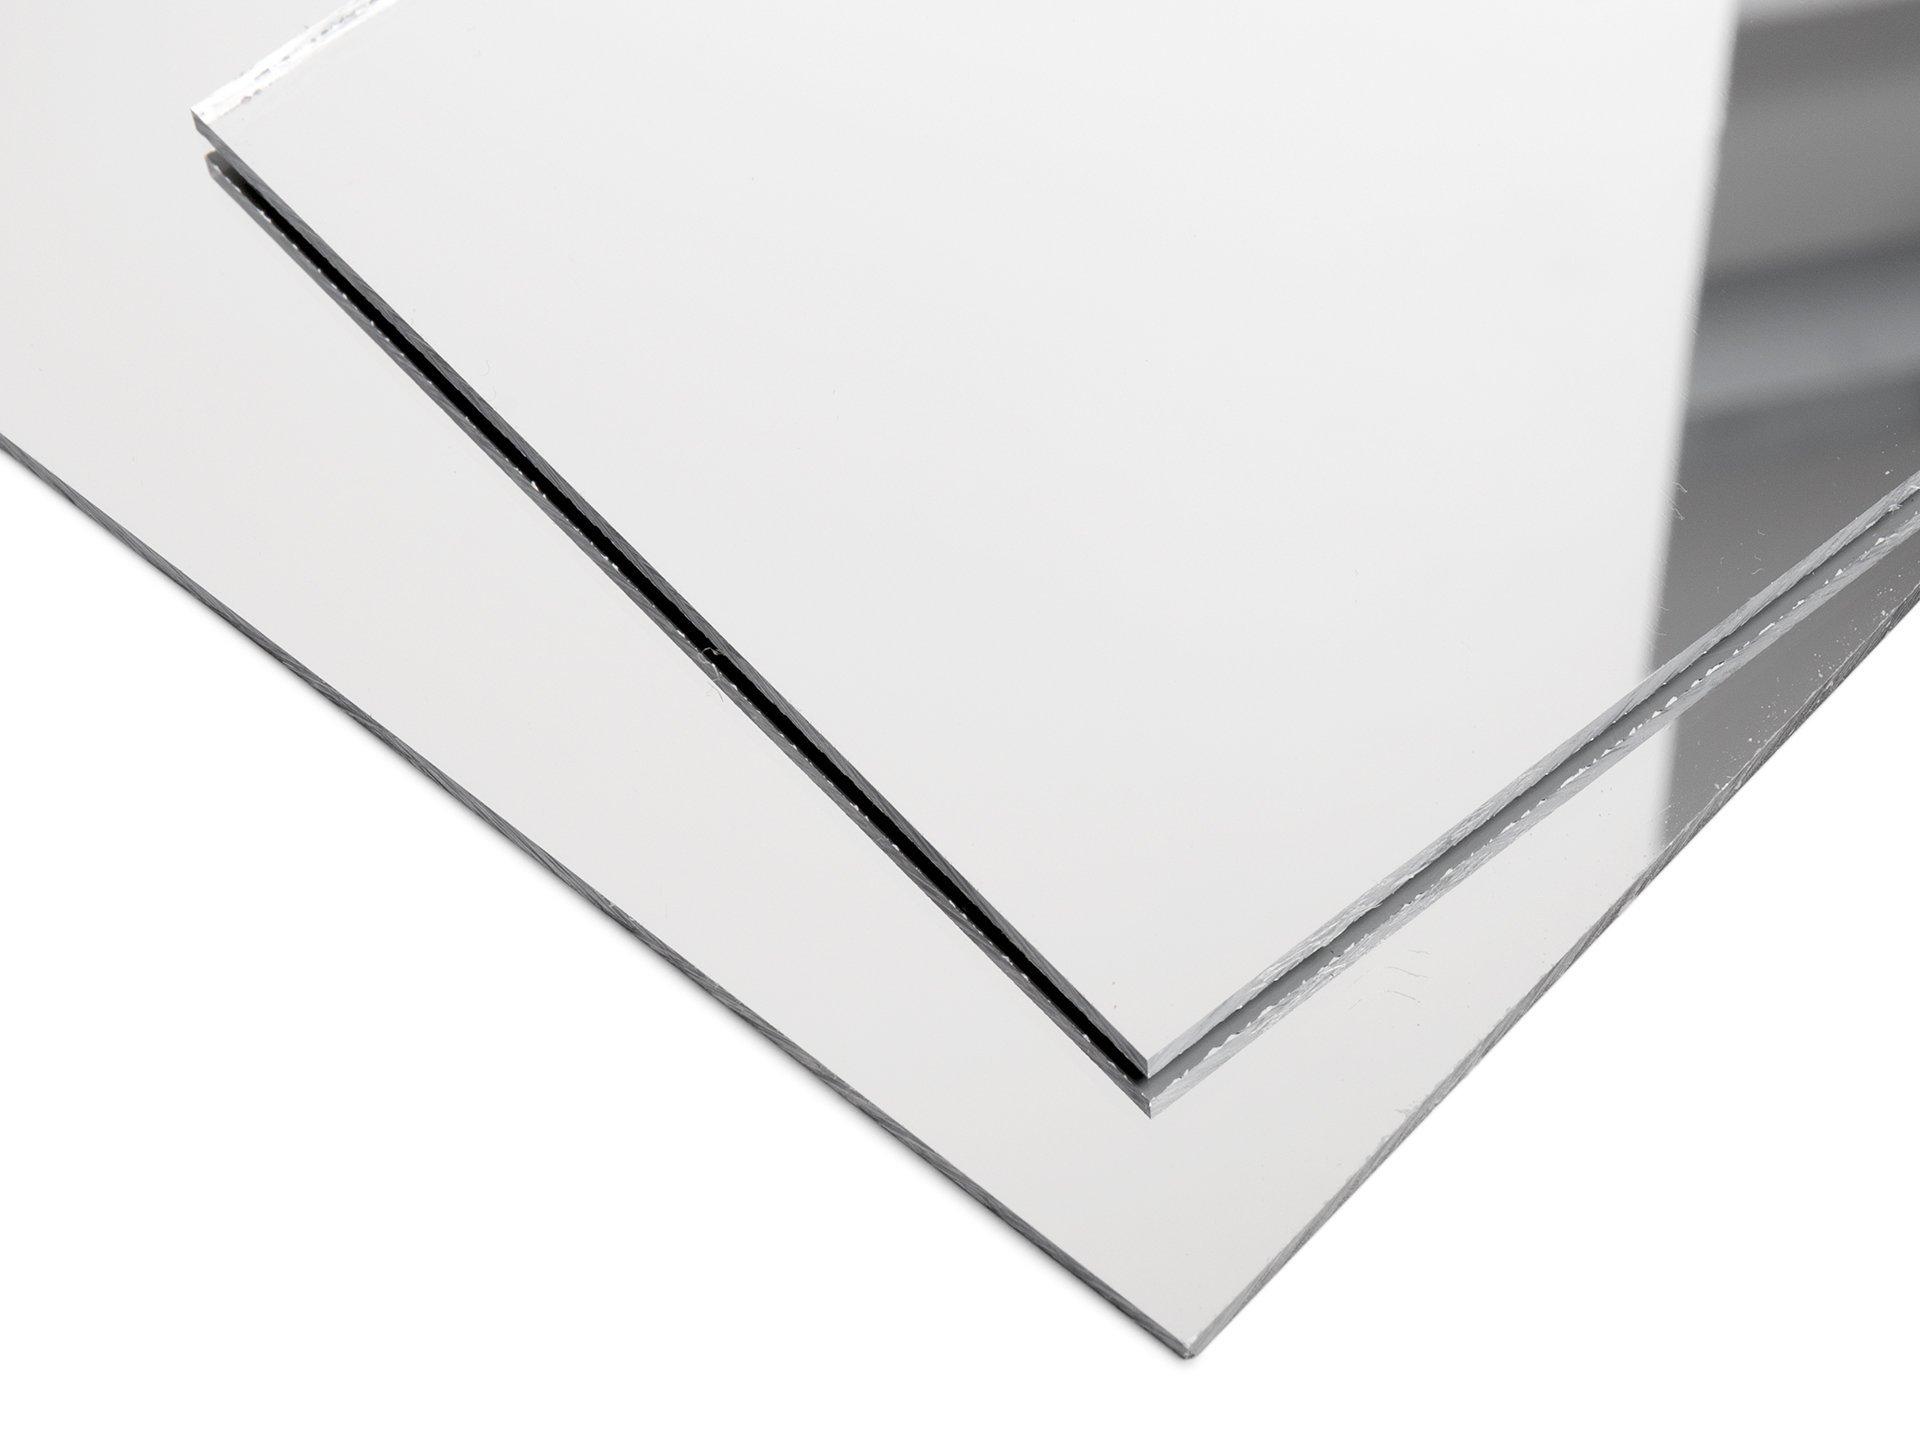 acrylglas xt spiegel silber glatt im zuschnitt kaufen. Black Bedroom Furniture Sets. Home Design Ideas